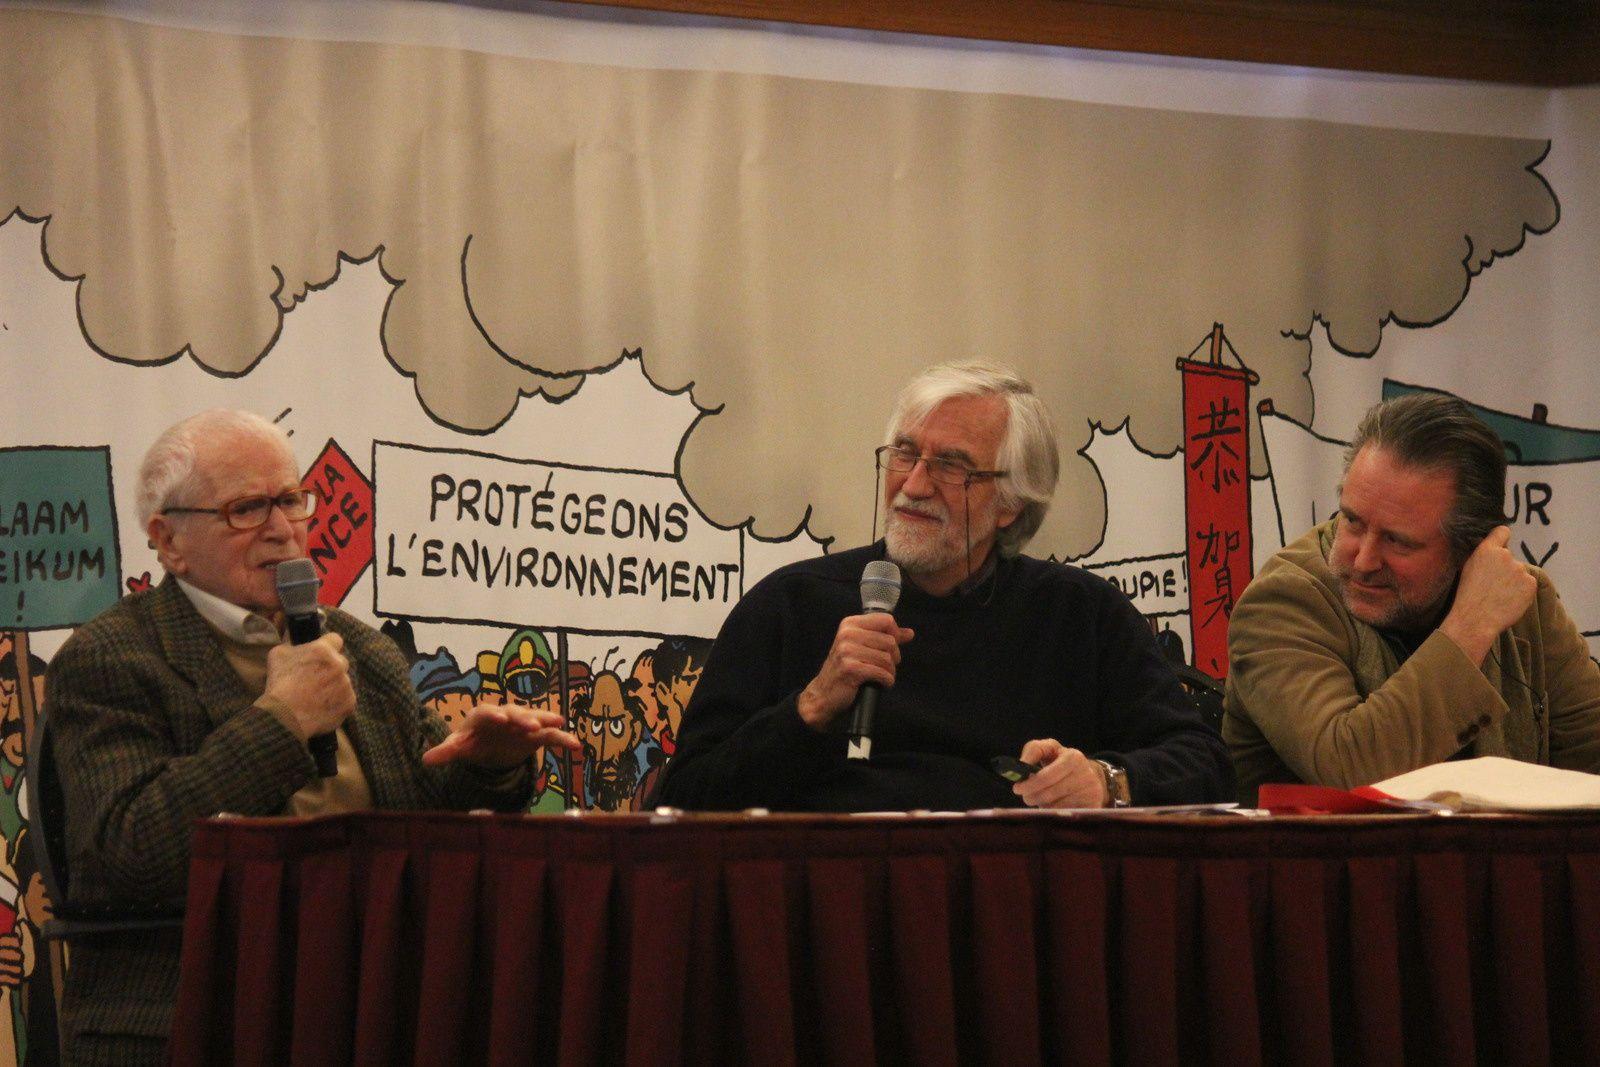 30ème Assemblée générale des Amis de Hergé (ADH), samedi 7 mars 2015 à Nivelles